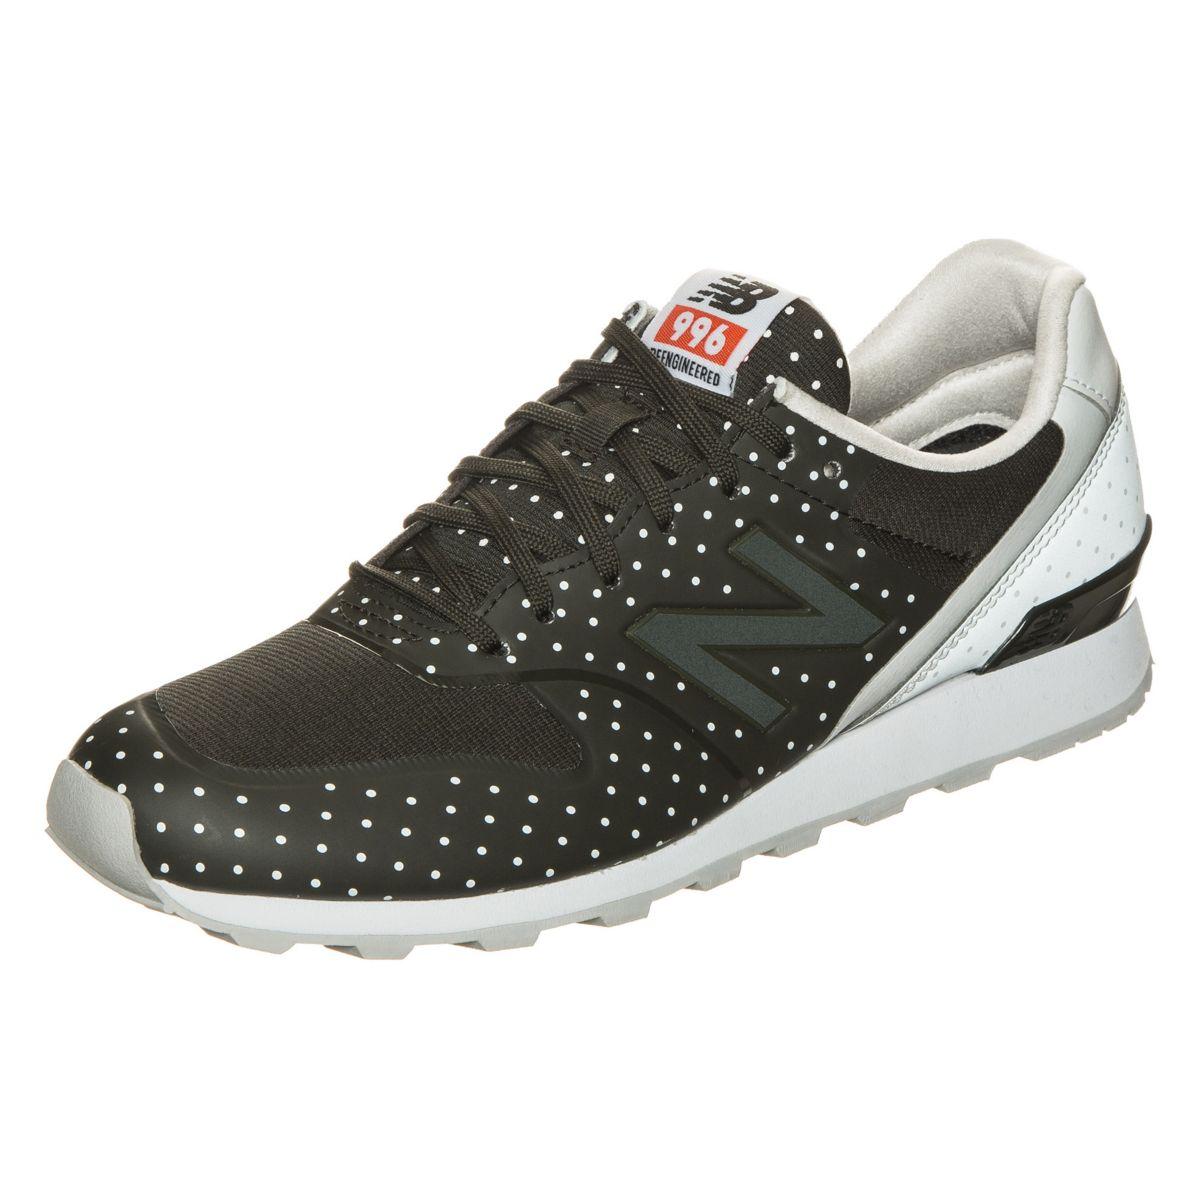 NEW BALANCE WR996-KB-D Sneaker Damen